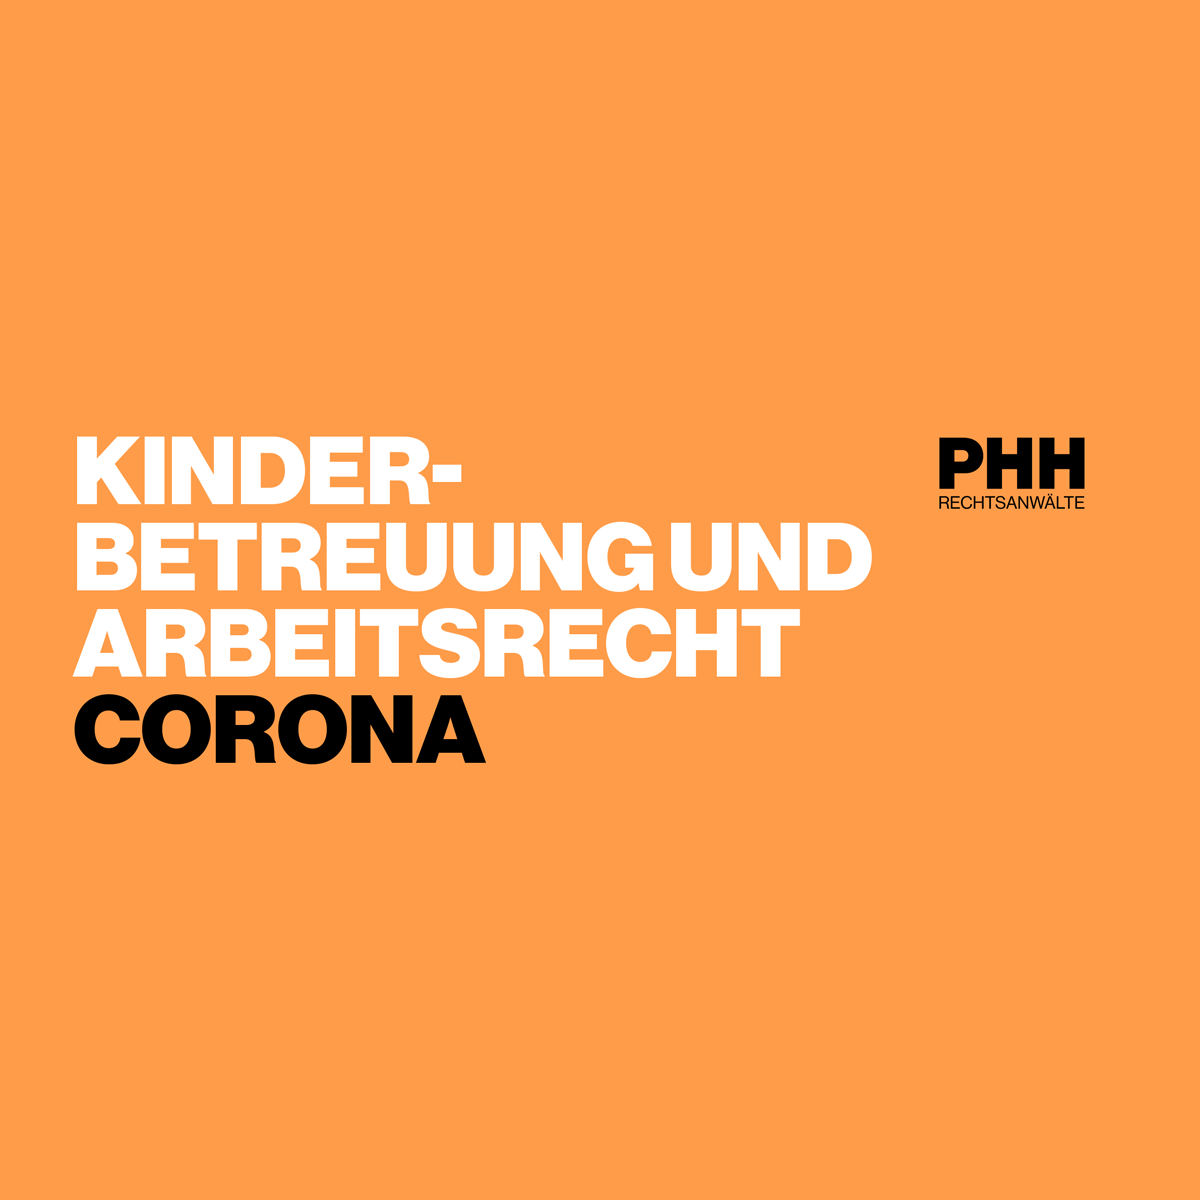 COVID-19: Kinderbetreuung & Arbeitsrecht